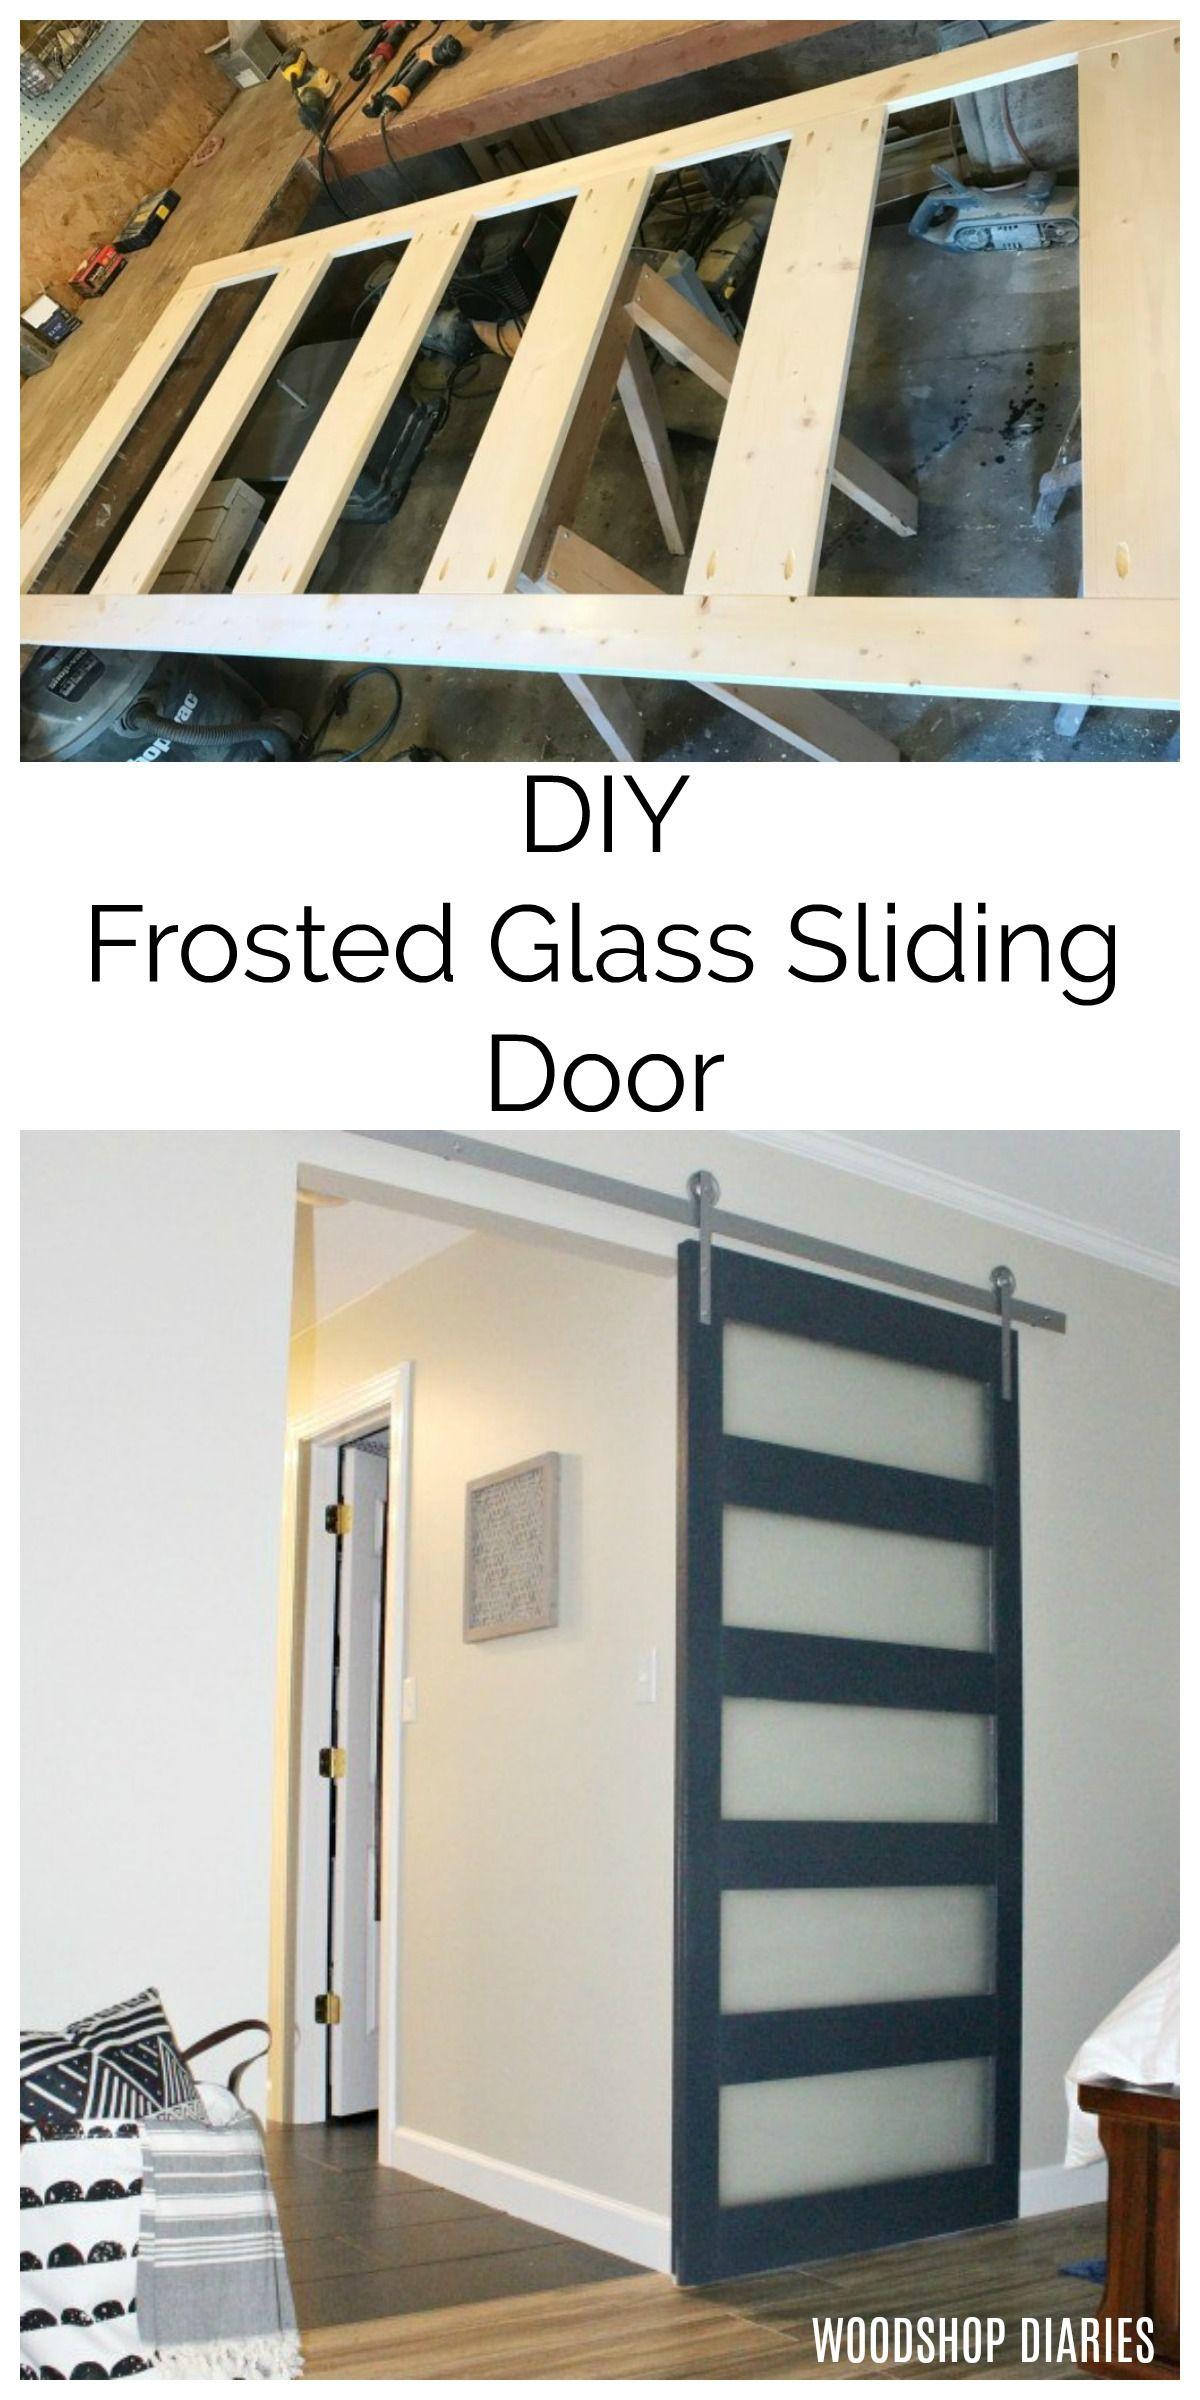 How To Build A Diy Modern Sliding Door In 2020 Diy Sliding Door Diy Barn Door Modern Sliding Doors